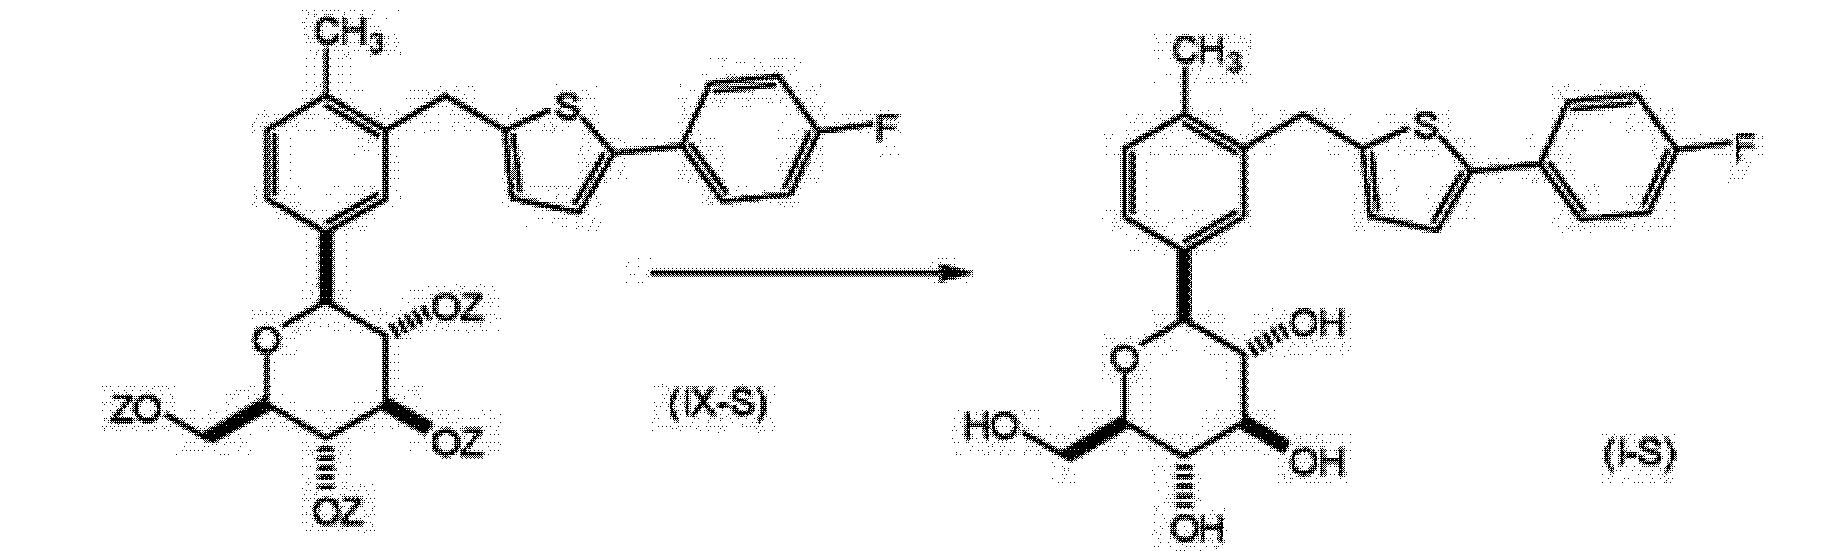 Figure CN103596944AC00052